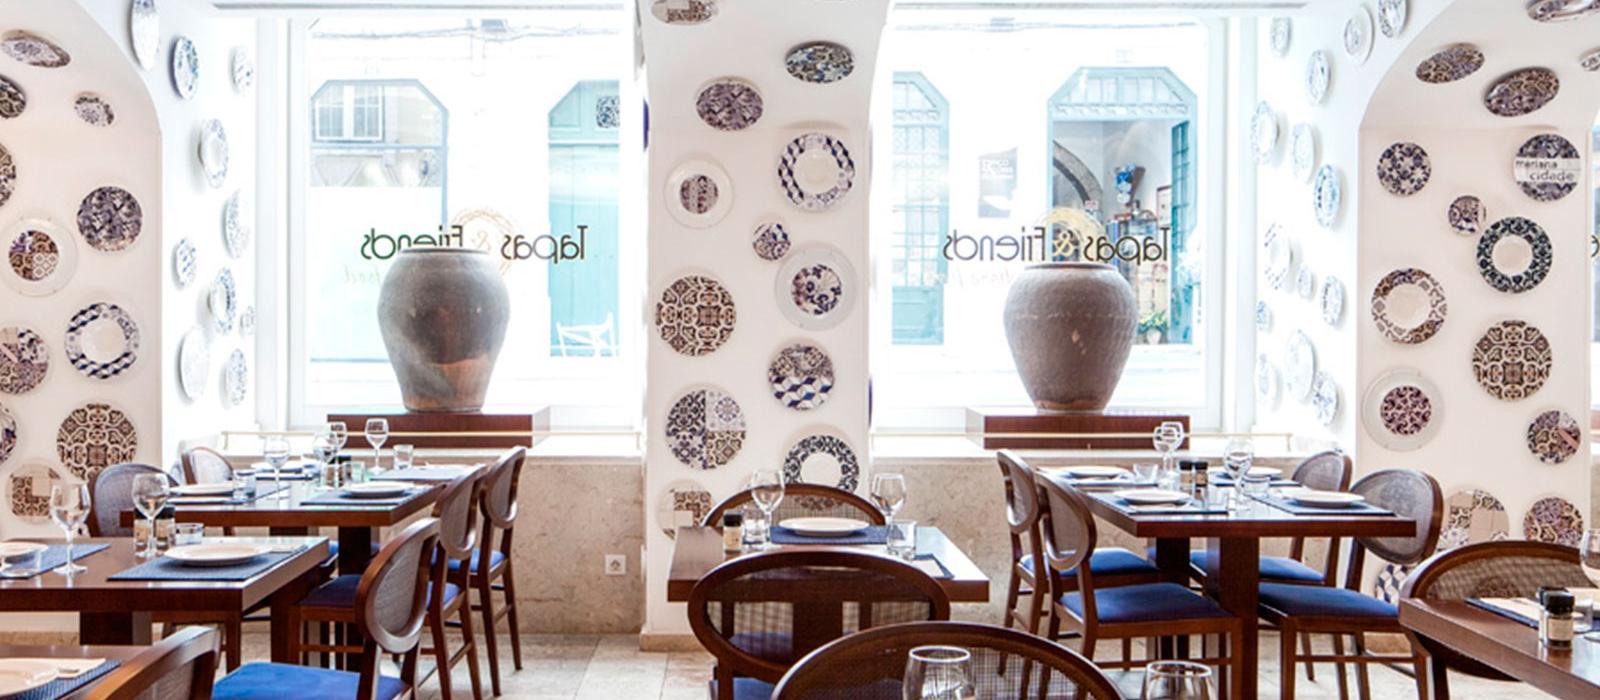 Servicios Hotel Lisboa Baixa - Vincci Hoteles - Tapas & Friends